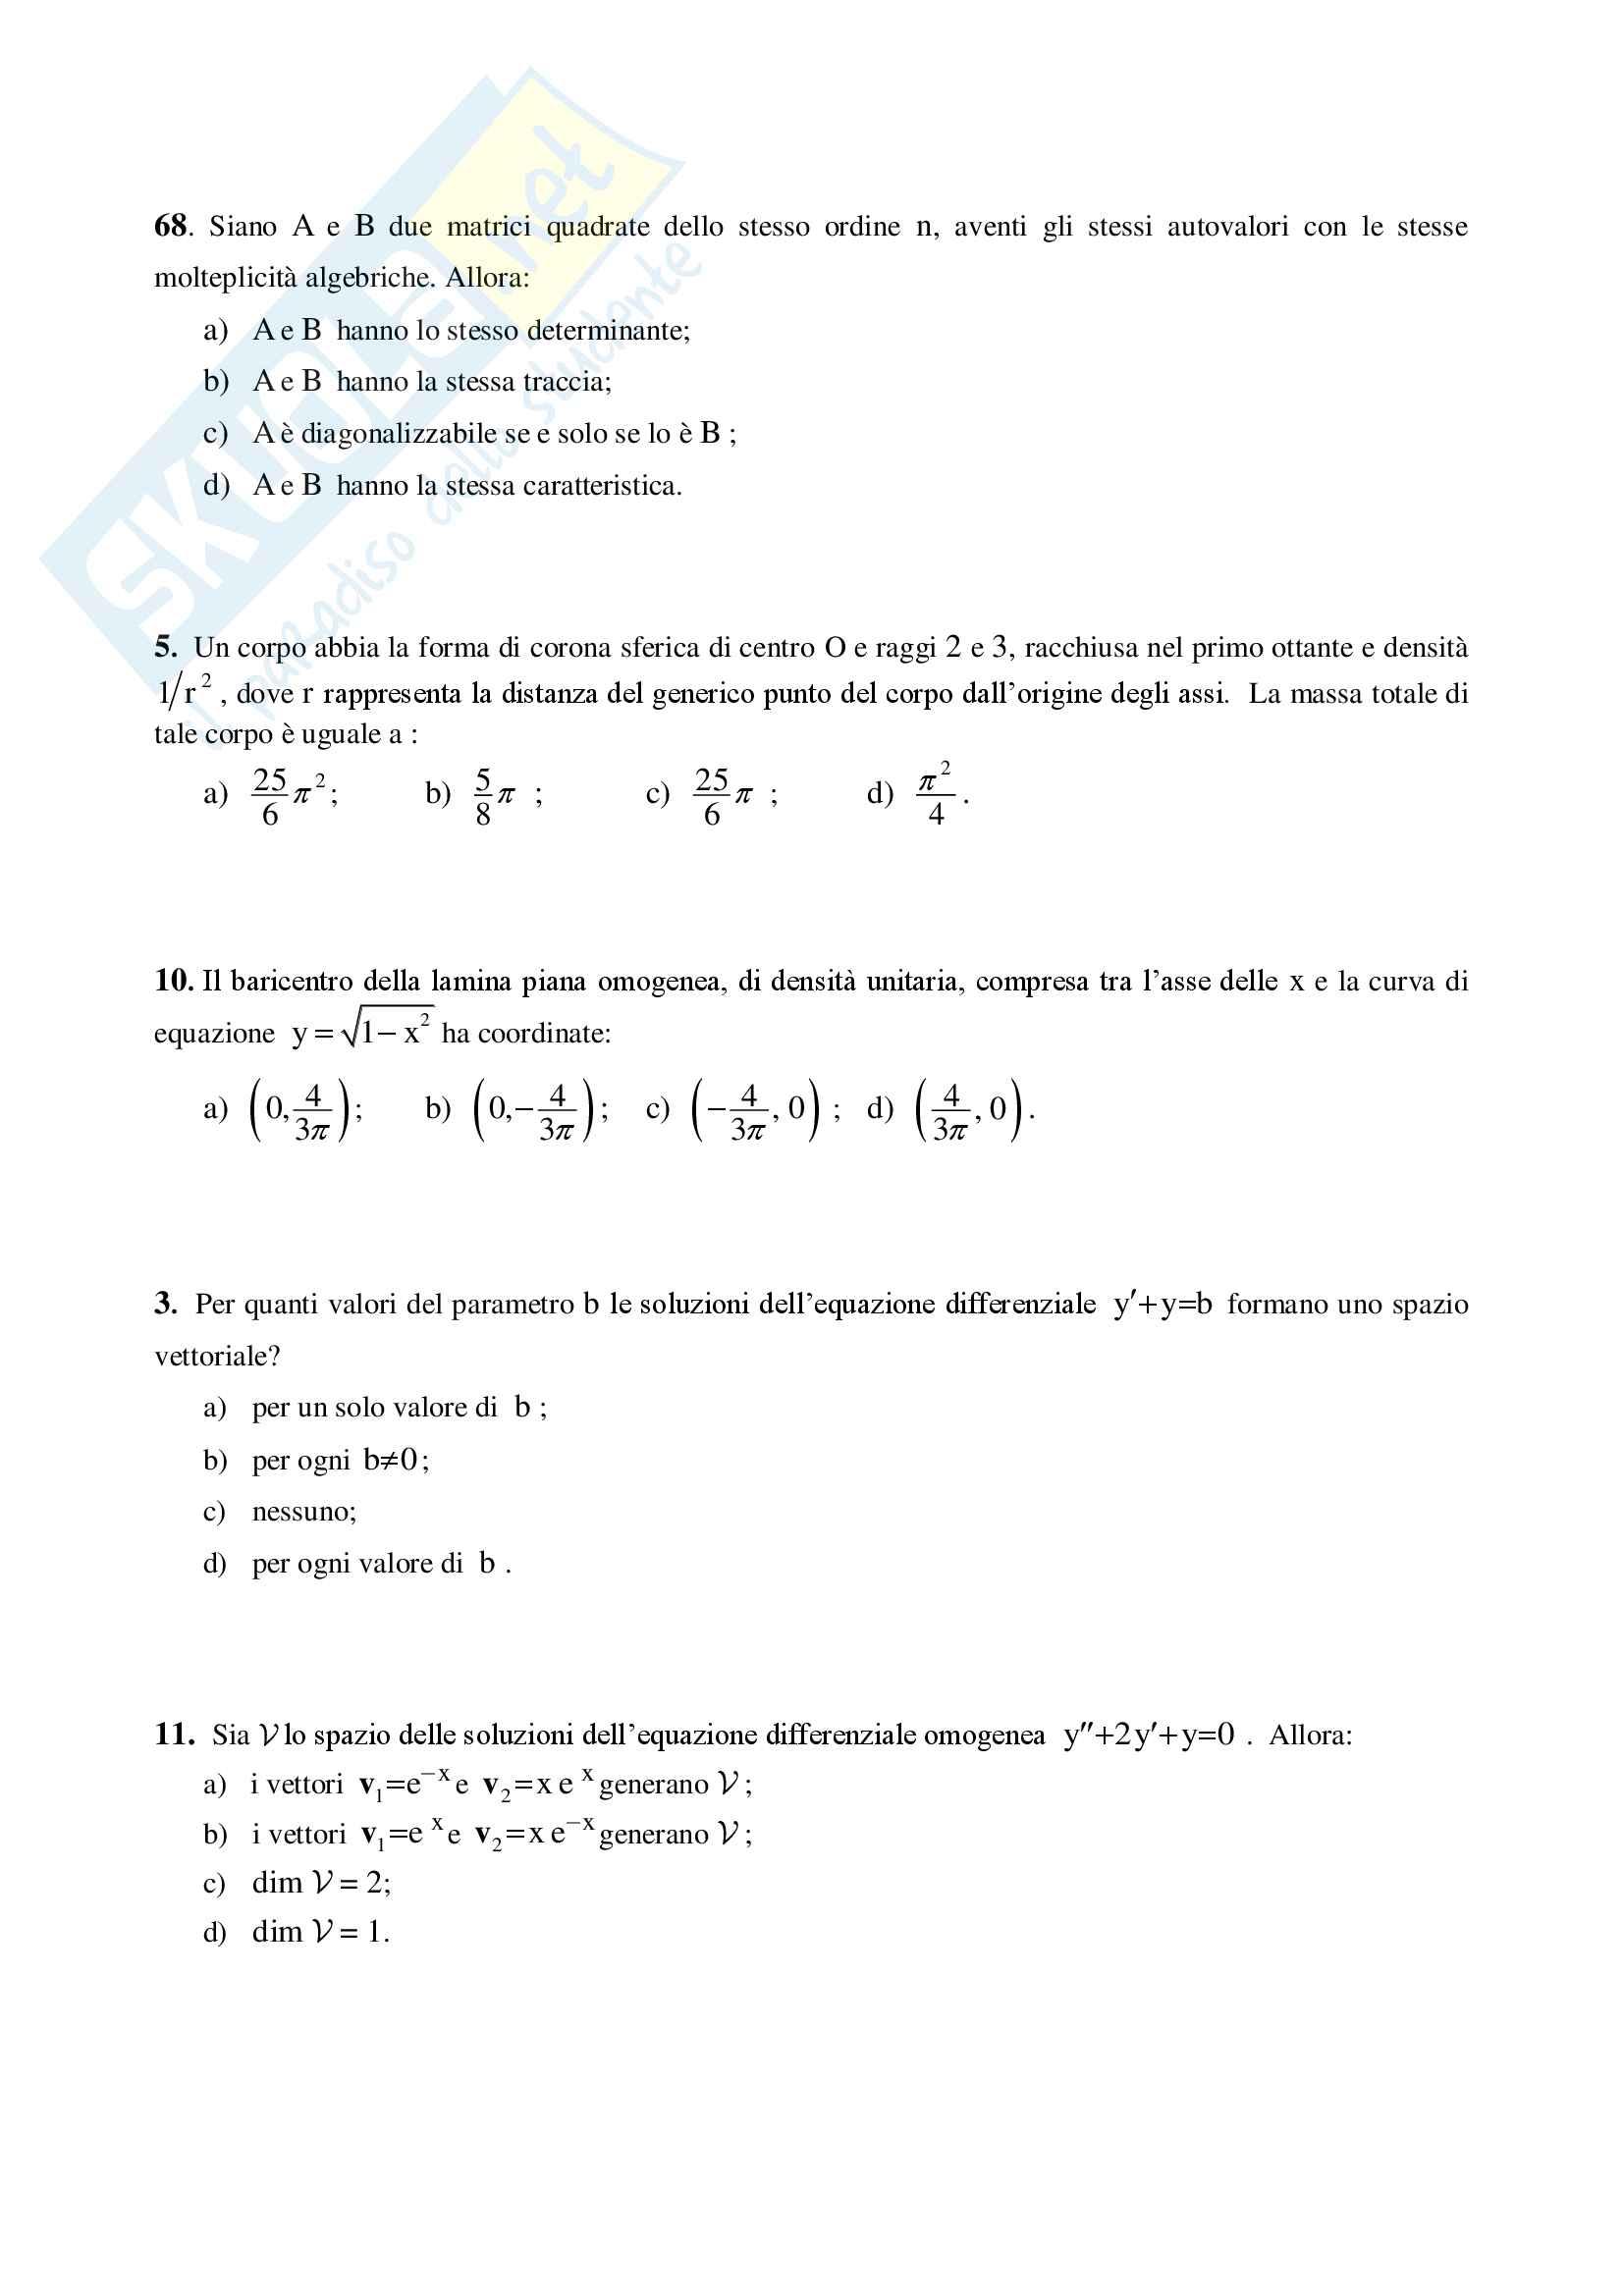 Analisi Matematica 2 e Complementi di Algebra Lineare - Temi d'Esame svolti Pag. 31